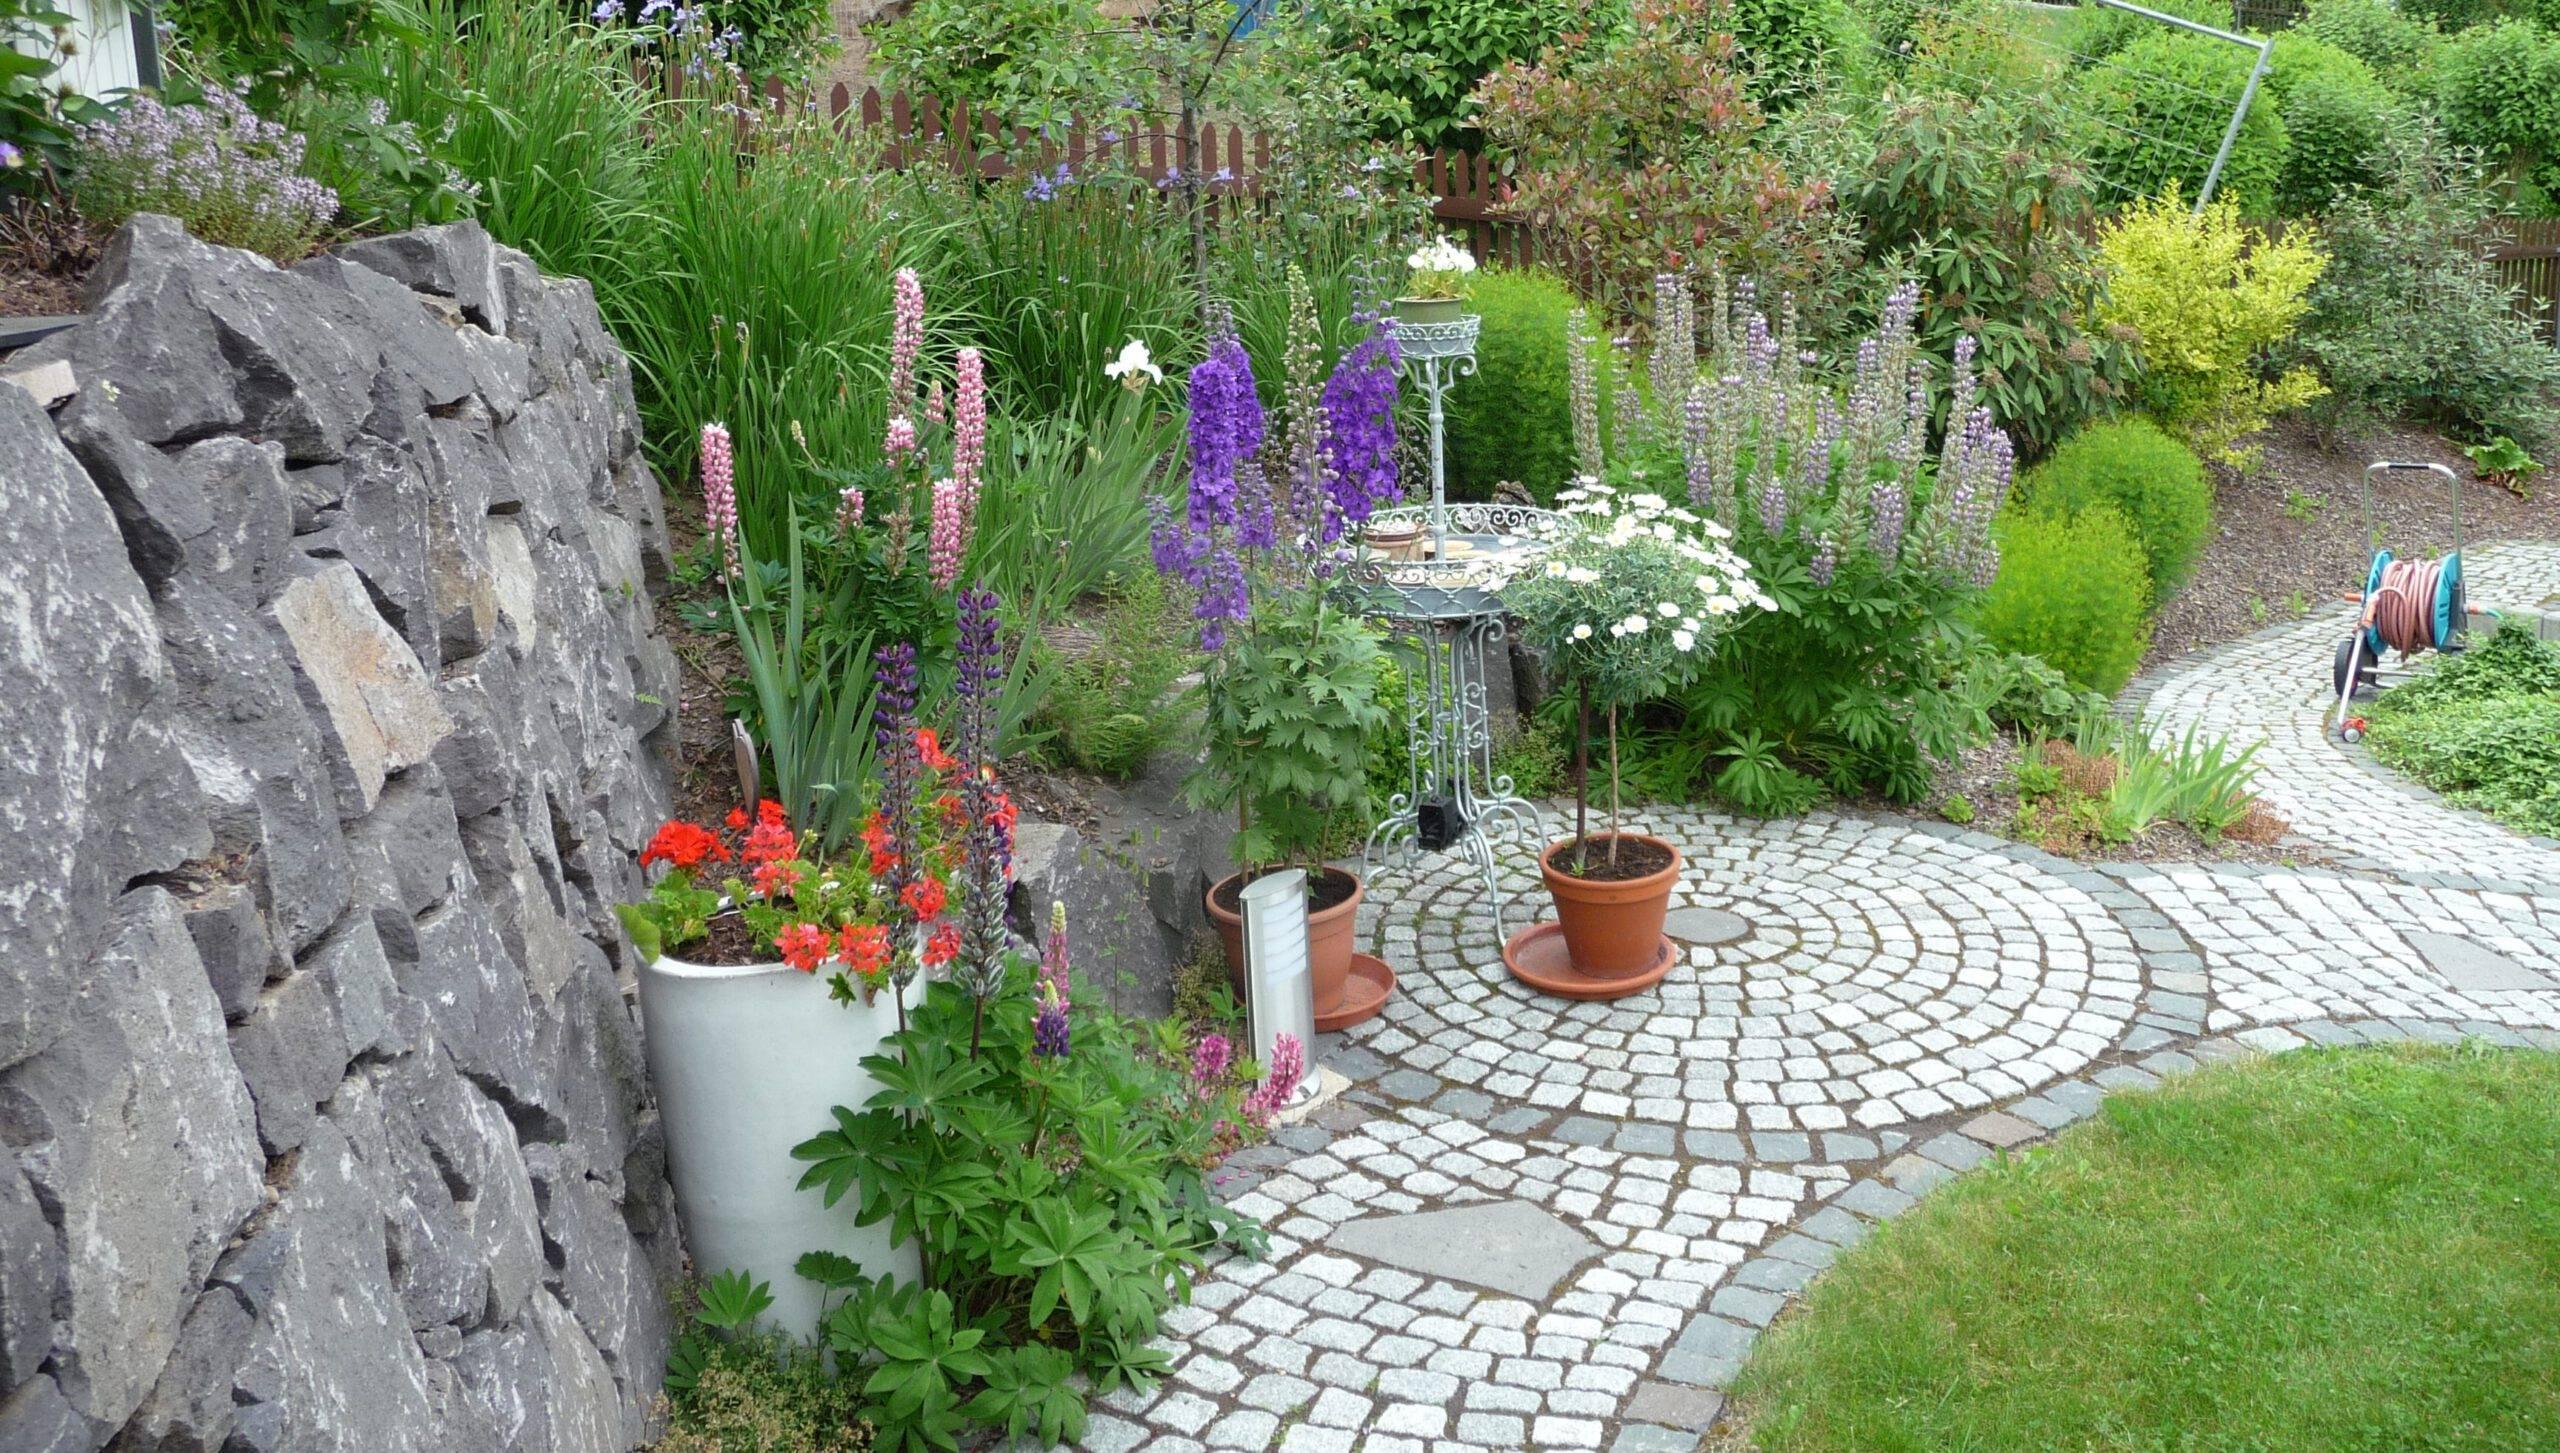 Hanggarten mit Obstwiese und Trockenmauern